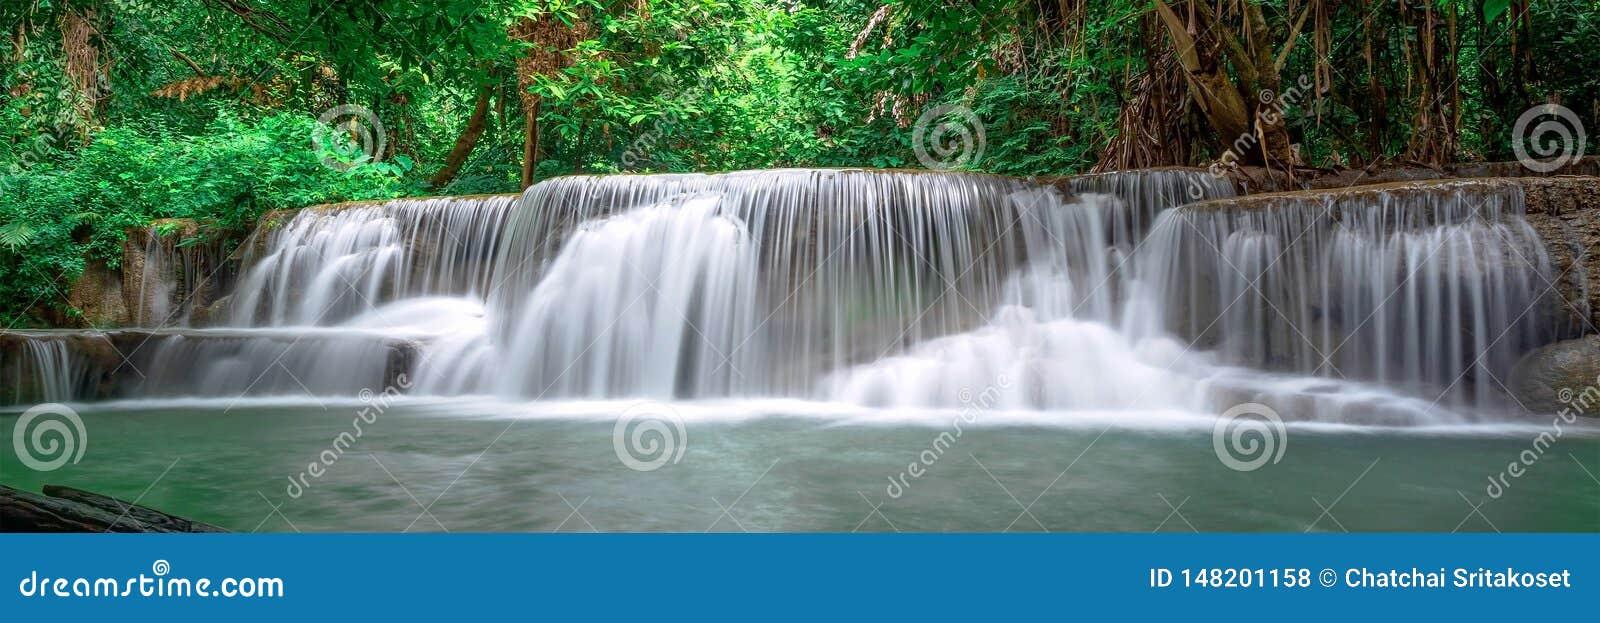 Mooi waterval panoramisch landschap in Thailand